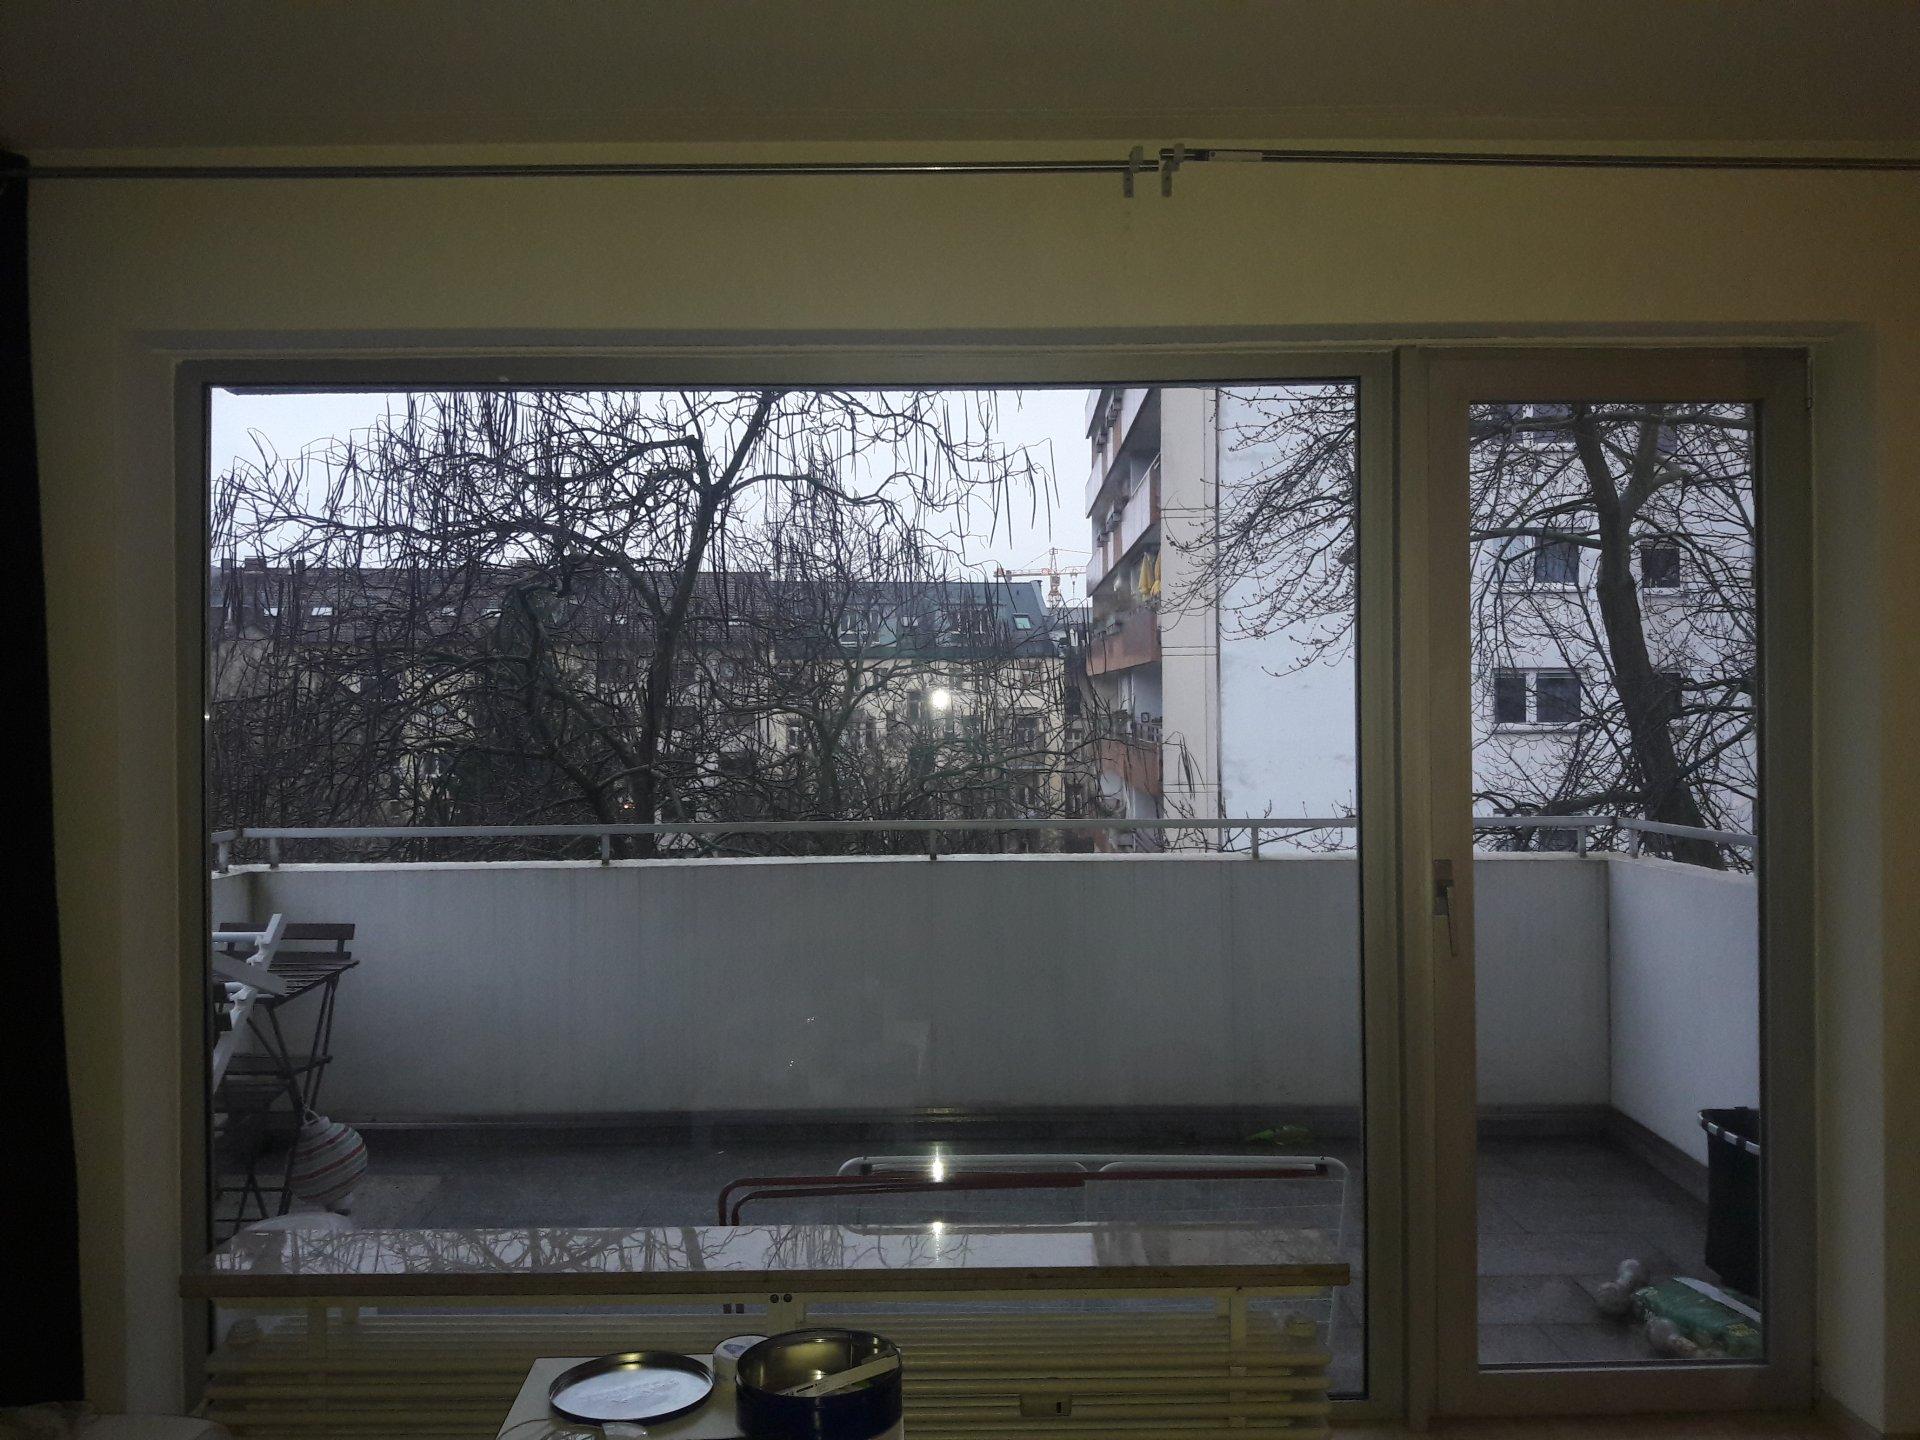 Eitelkeit Fensterfront Referenz Von 20180104_160251.jpg